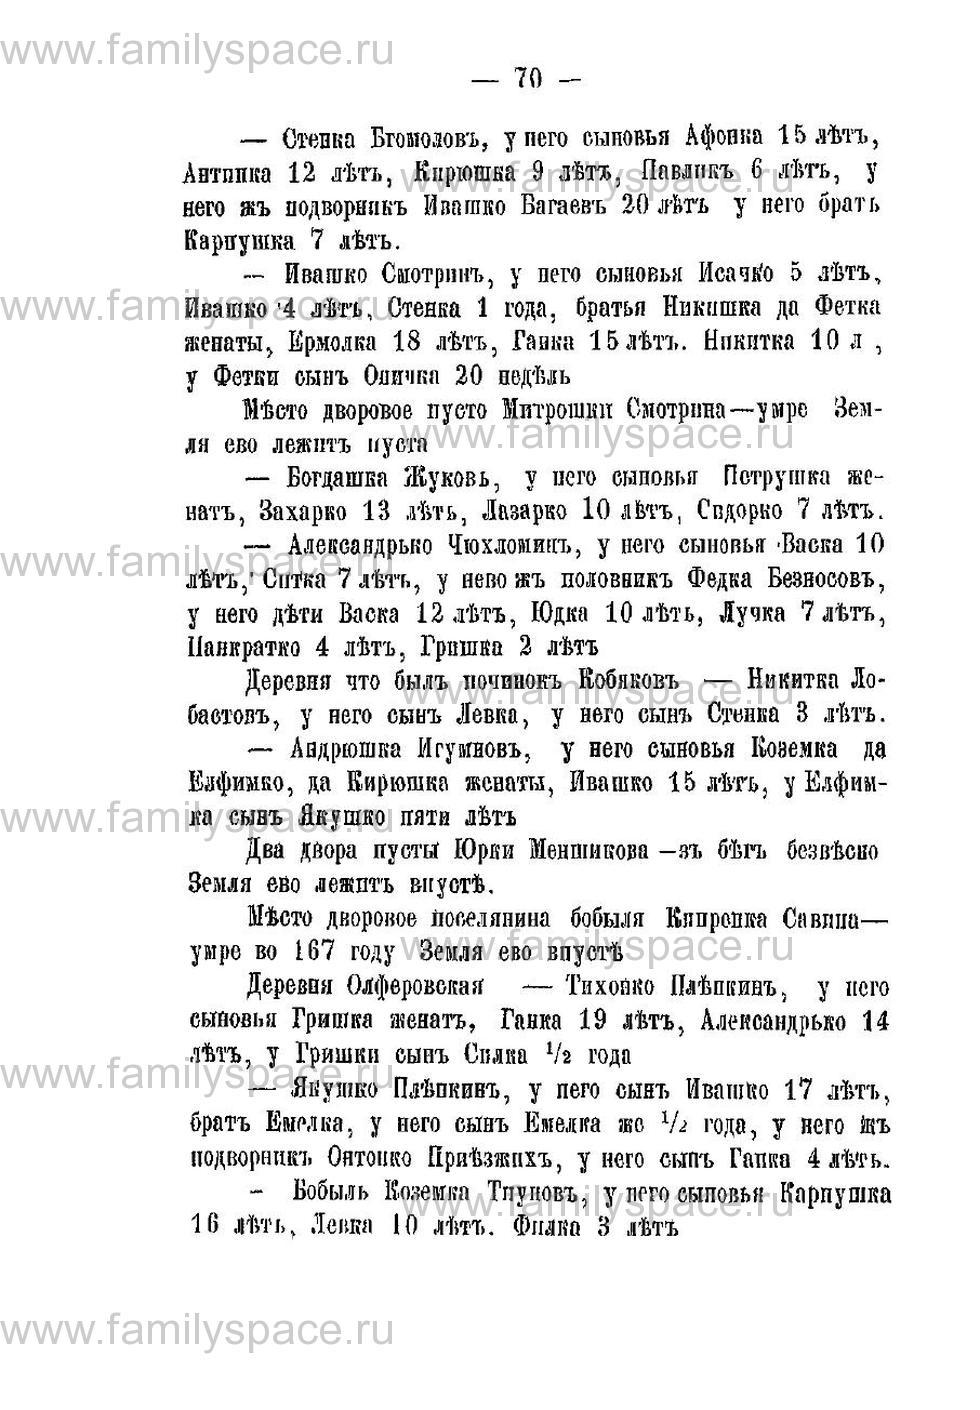 Поиск по фамилии - Переписная книга Орлова и волостей 1678 г, страница 66